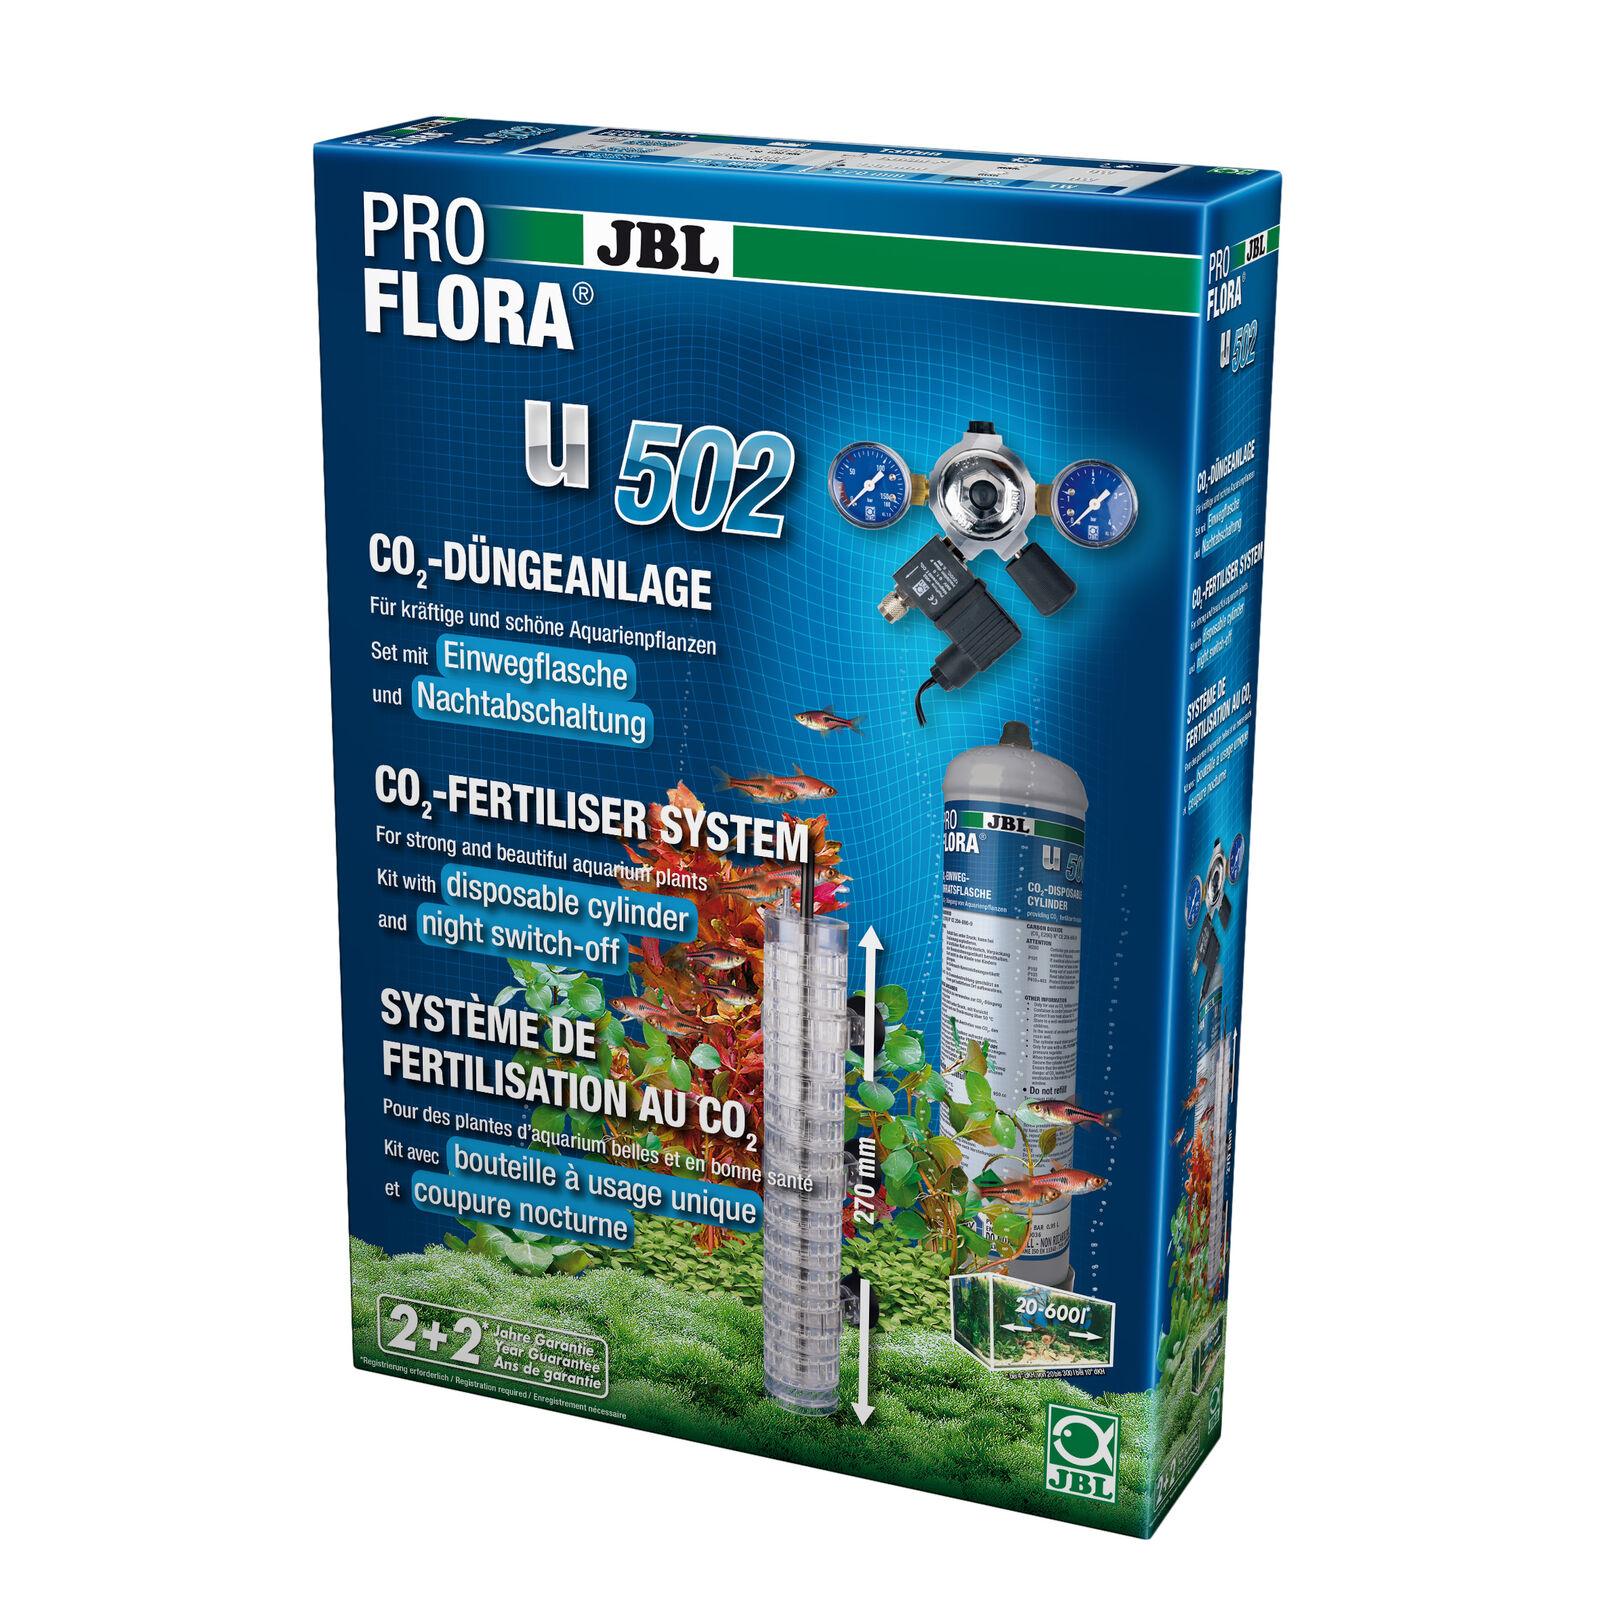 JBL pro Flora U502  Pflanzendüngeanlage con Nachtabschaltung,Acquari fino 600 L